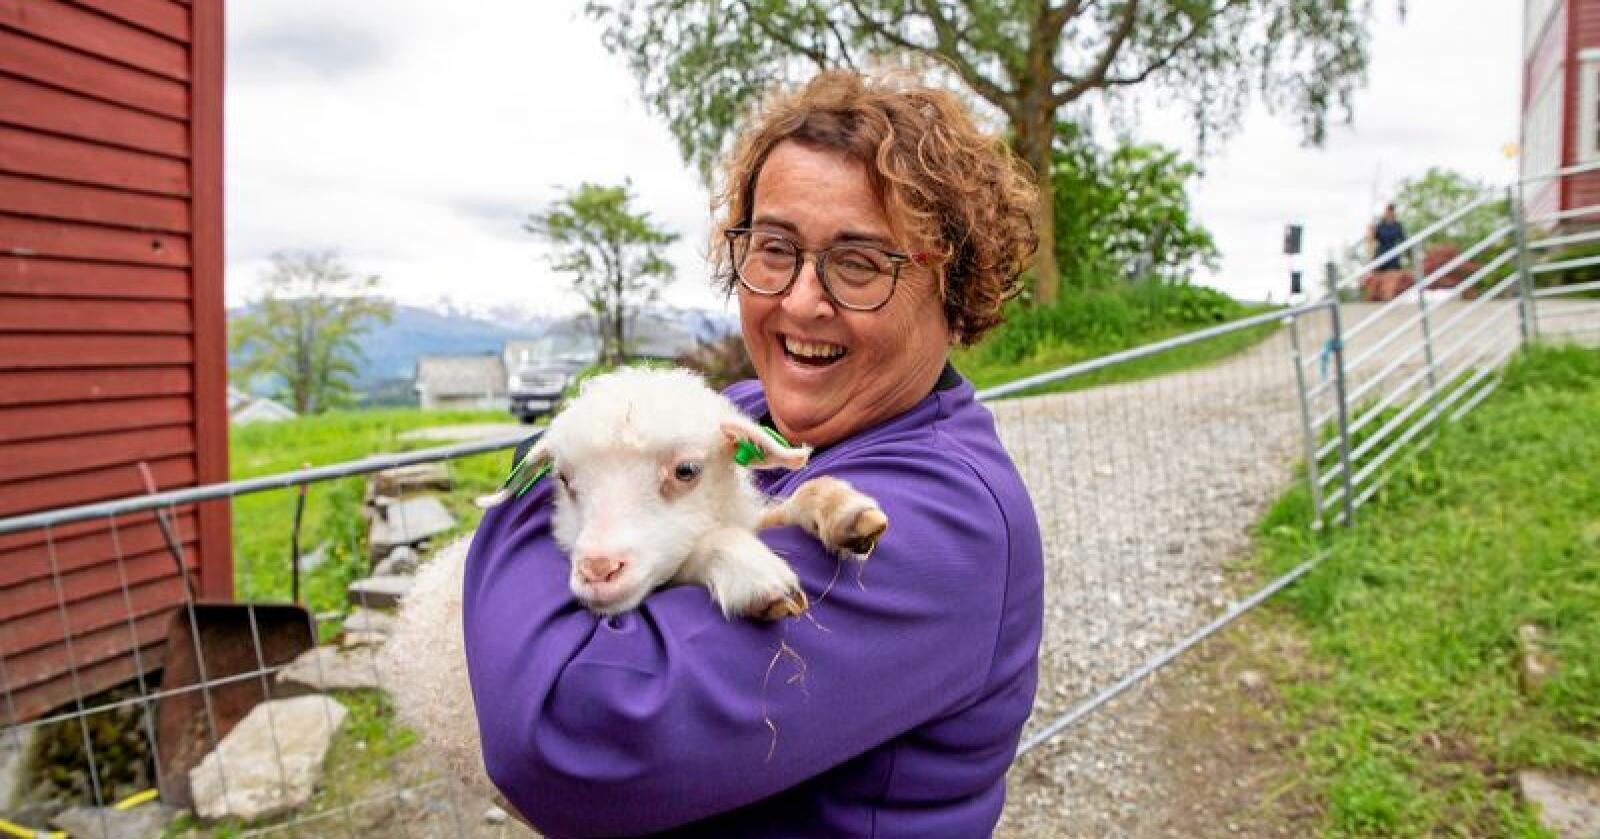 Landbruks- og matminister Olaug Bollestad (KrF) avslørte tirsdag at tilskuddene til veterinærvakta vil bestå, på tross av forslaget om å legge det inn i de generelle tilskuddene til kommunene. Foto: Kari Nygard Tvilde